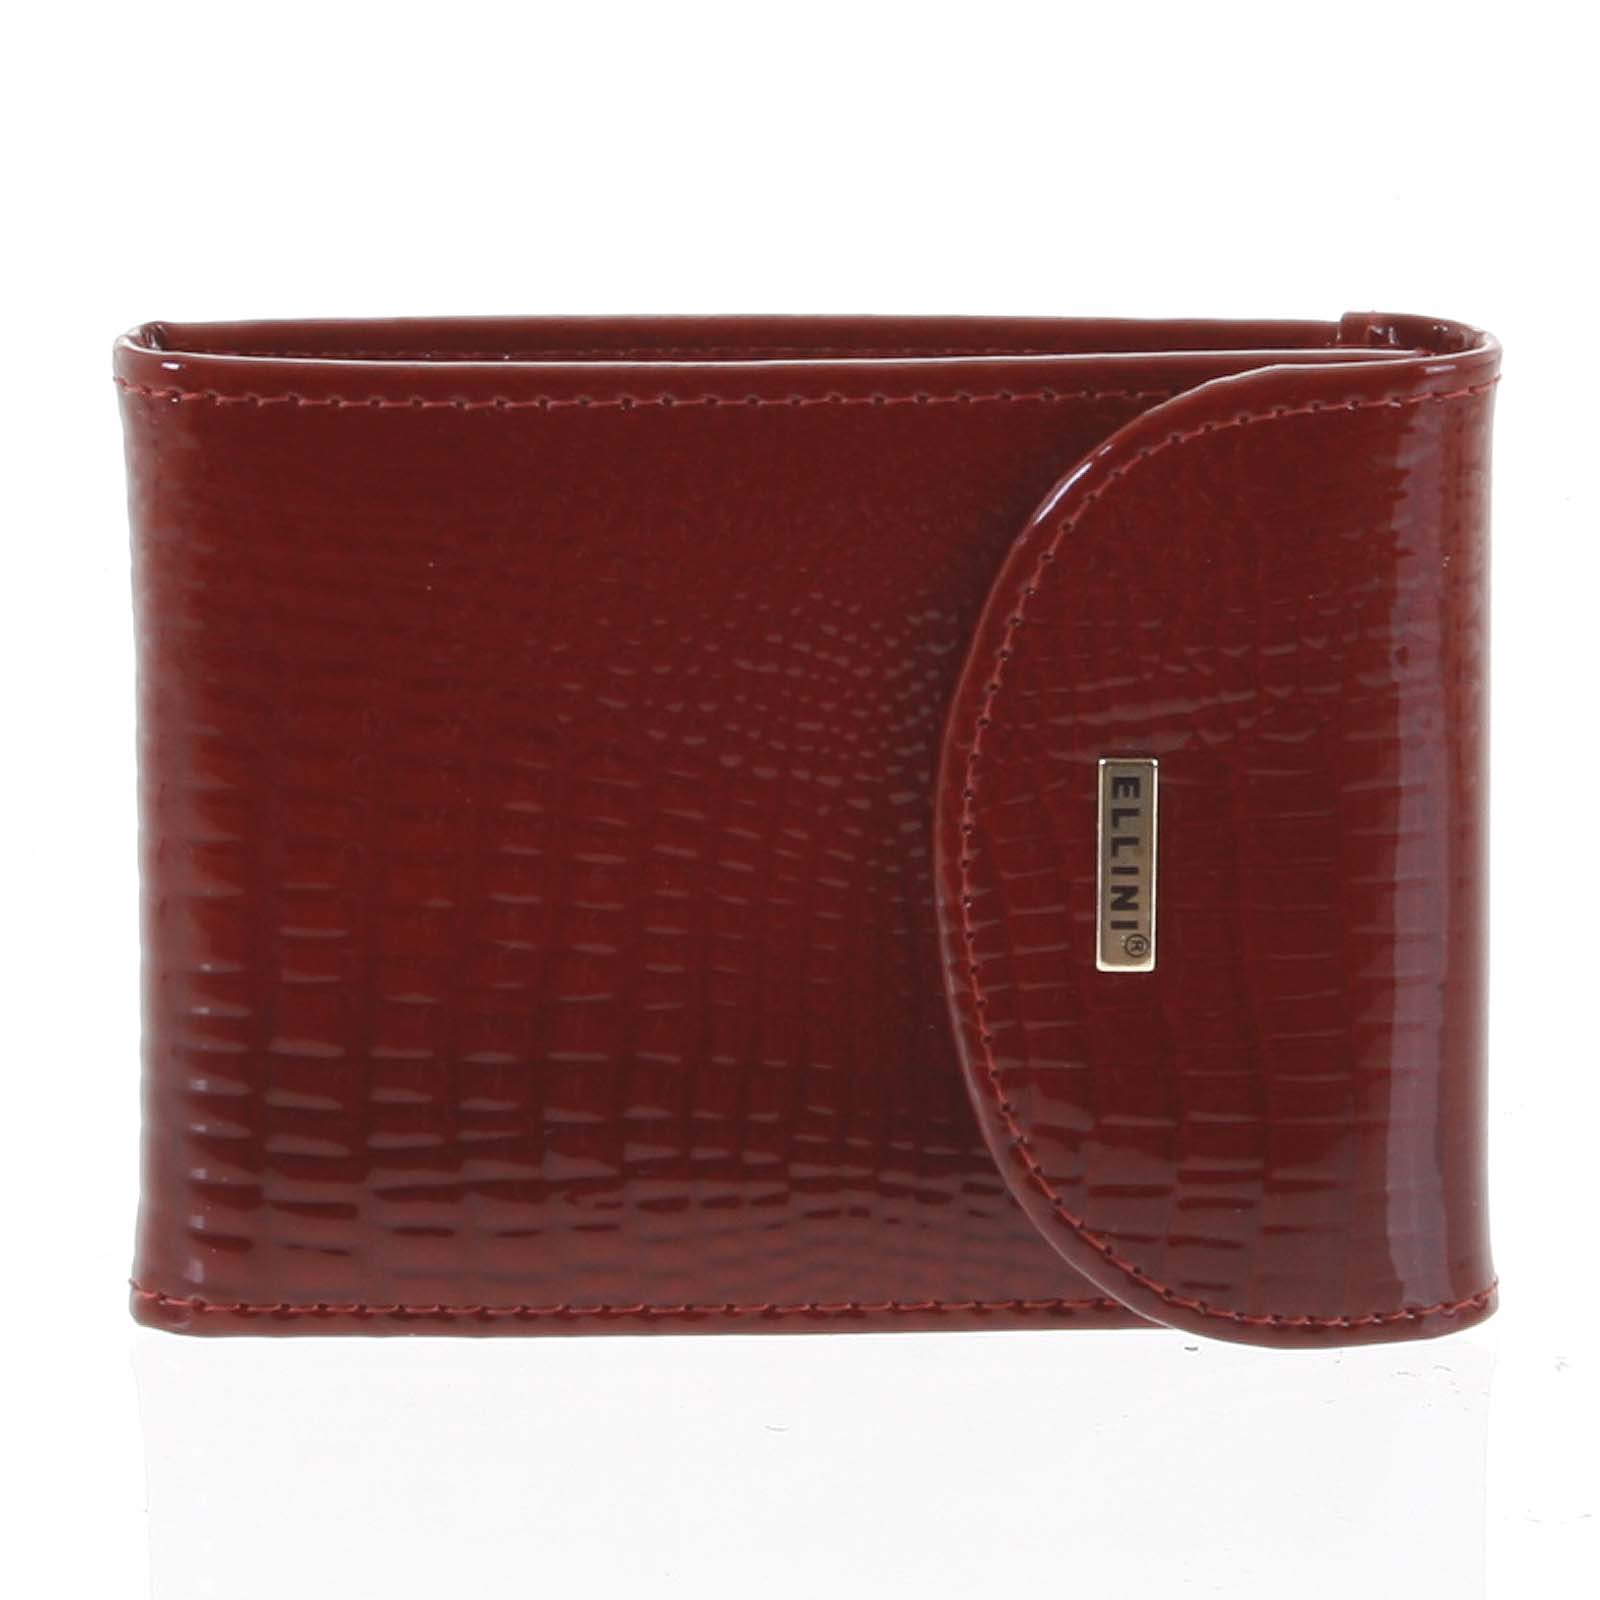 Luxusní kožené pouzdro na karty červené - Ellini Cher